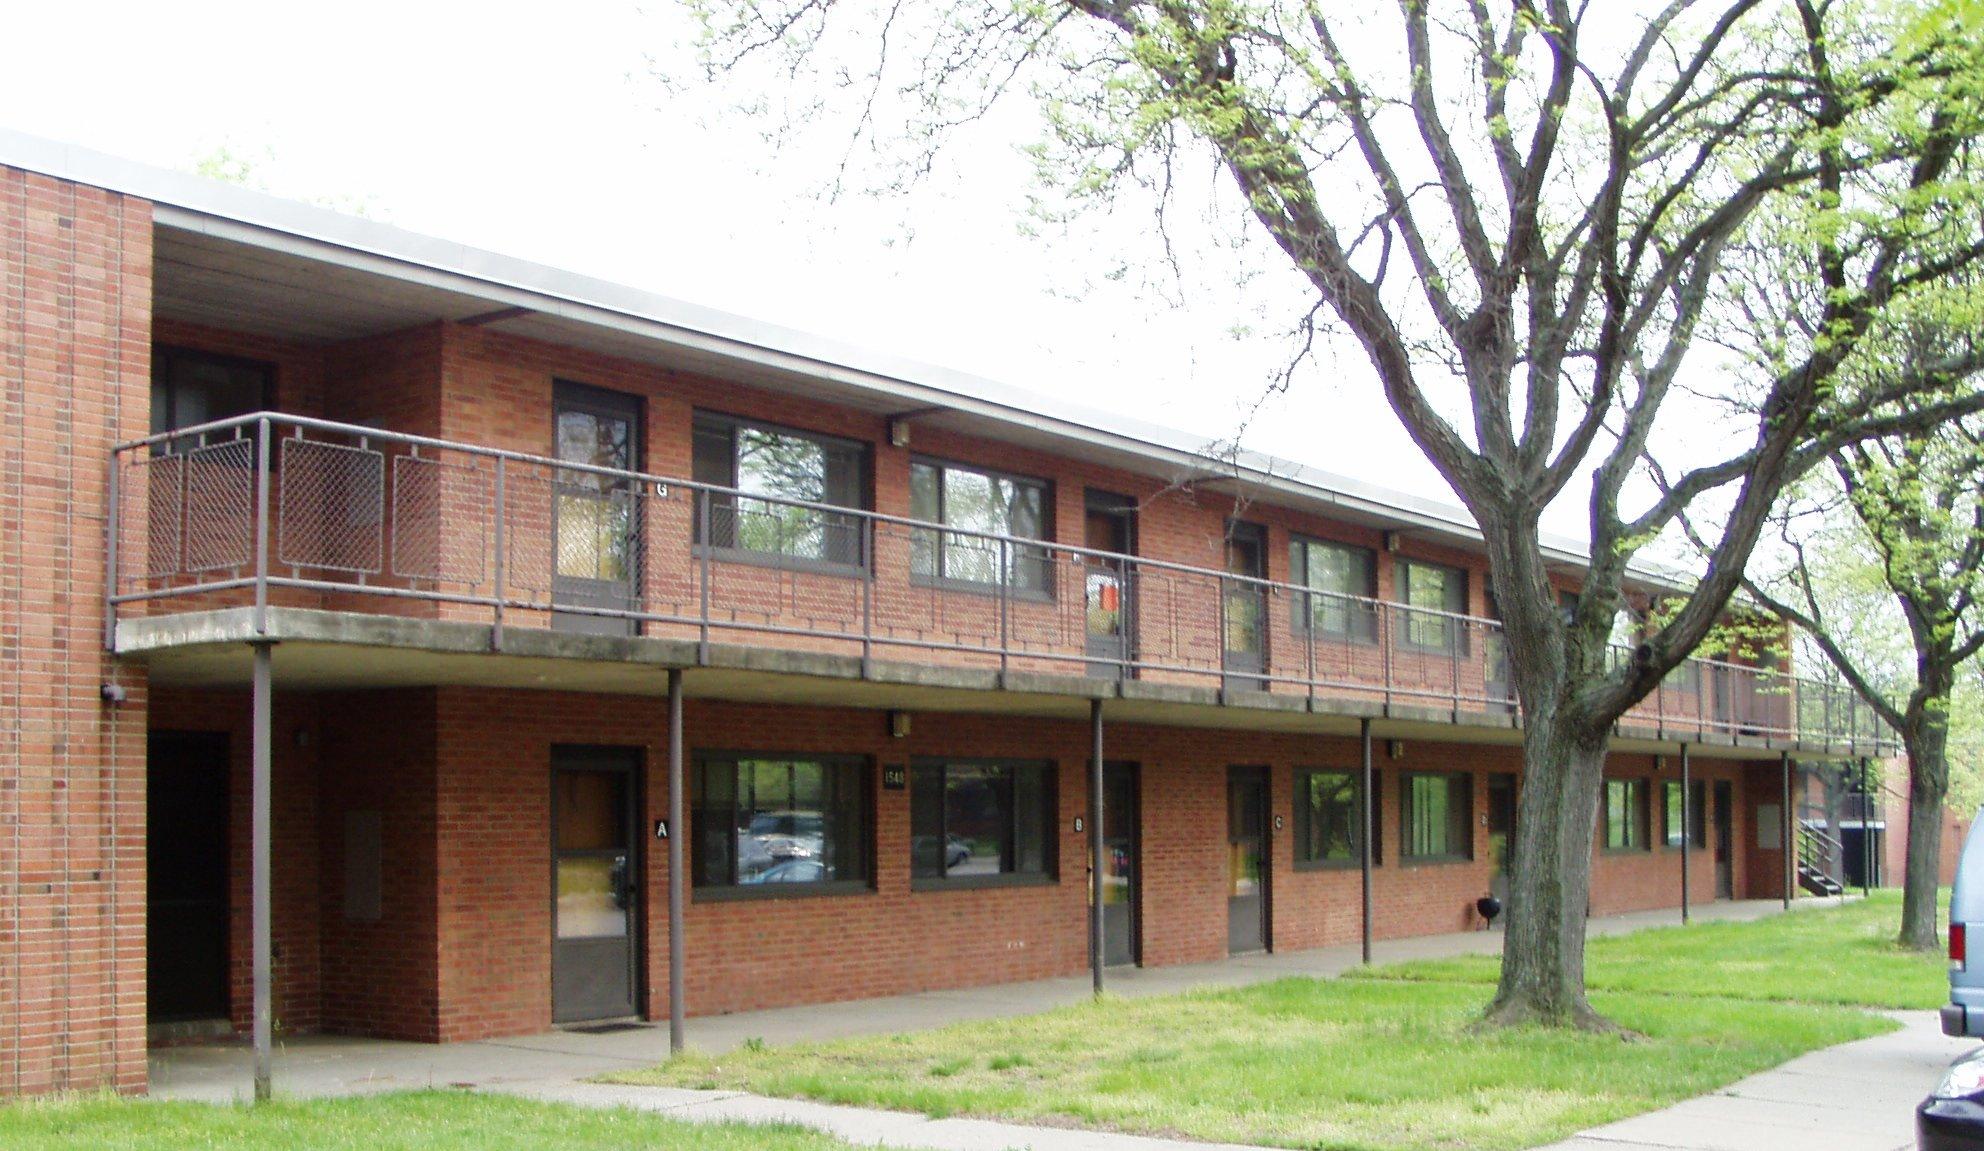 Michigan State University To Redevelop Spartan Village Apartment Complex Wkar